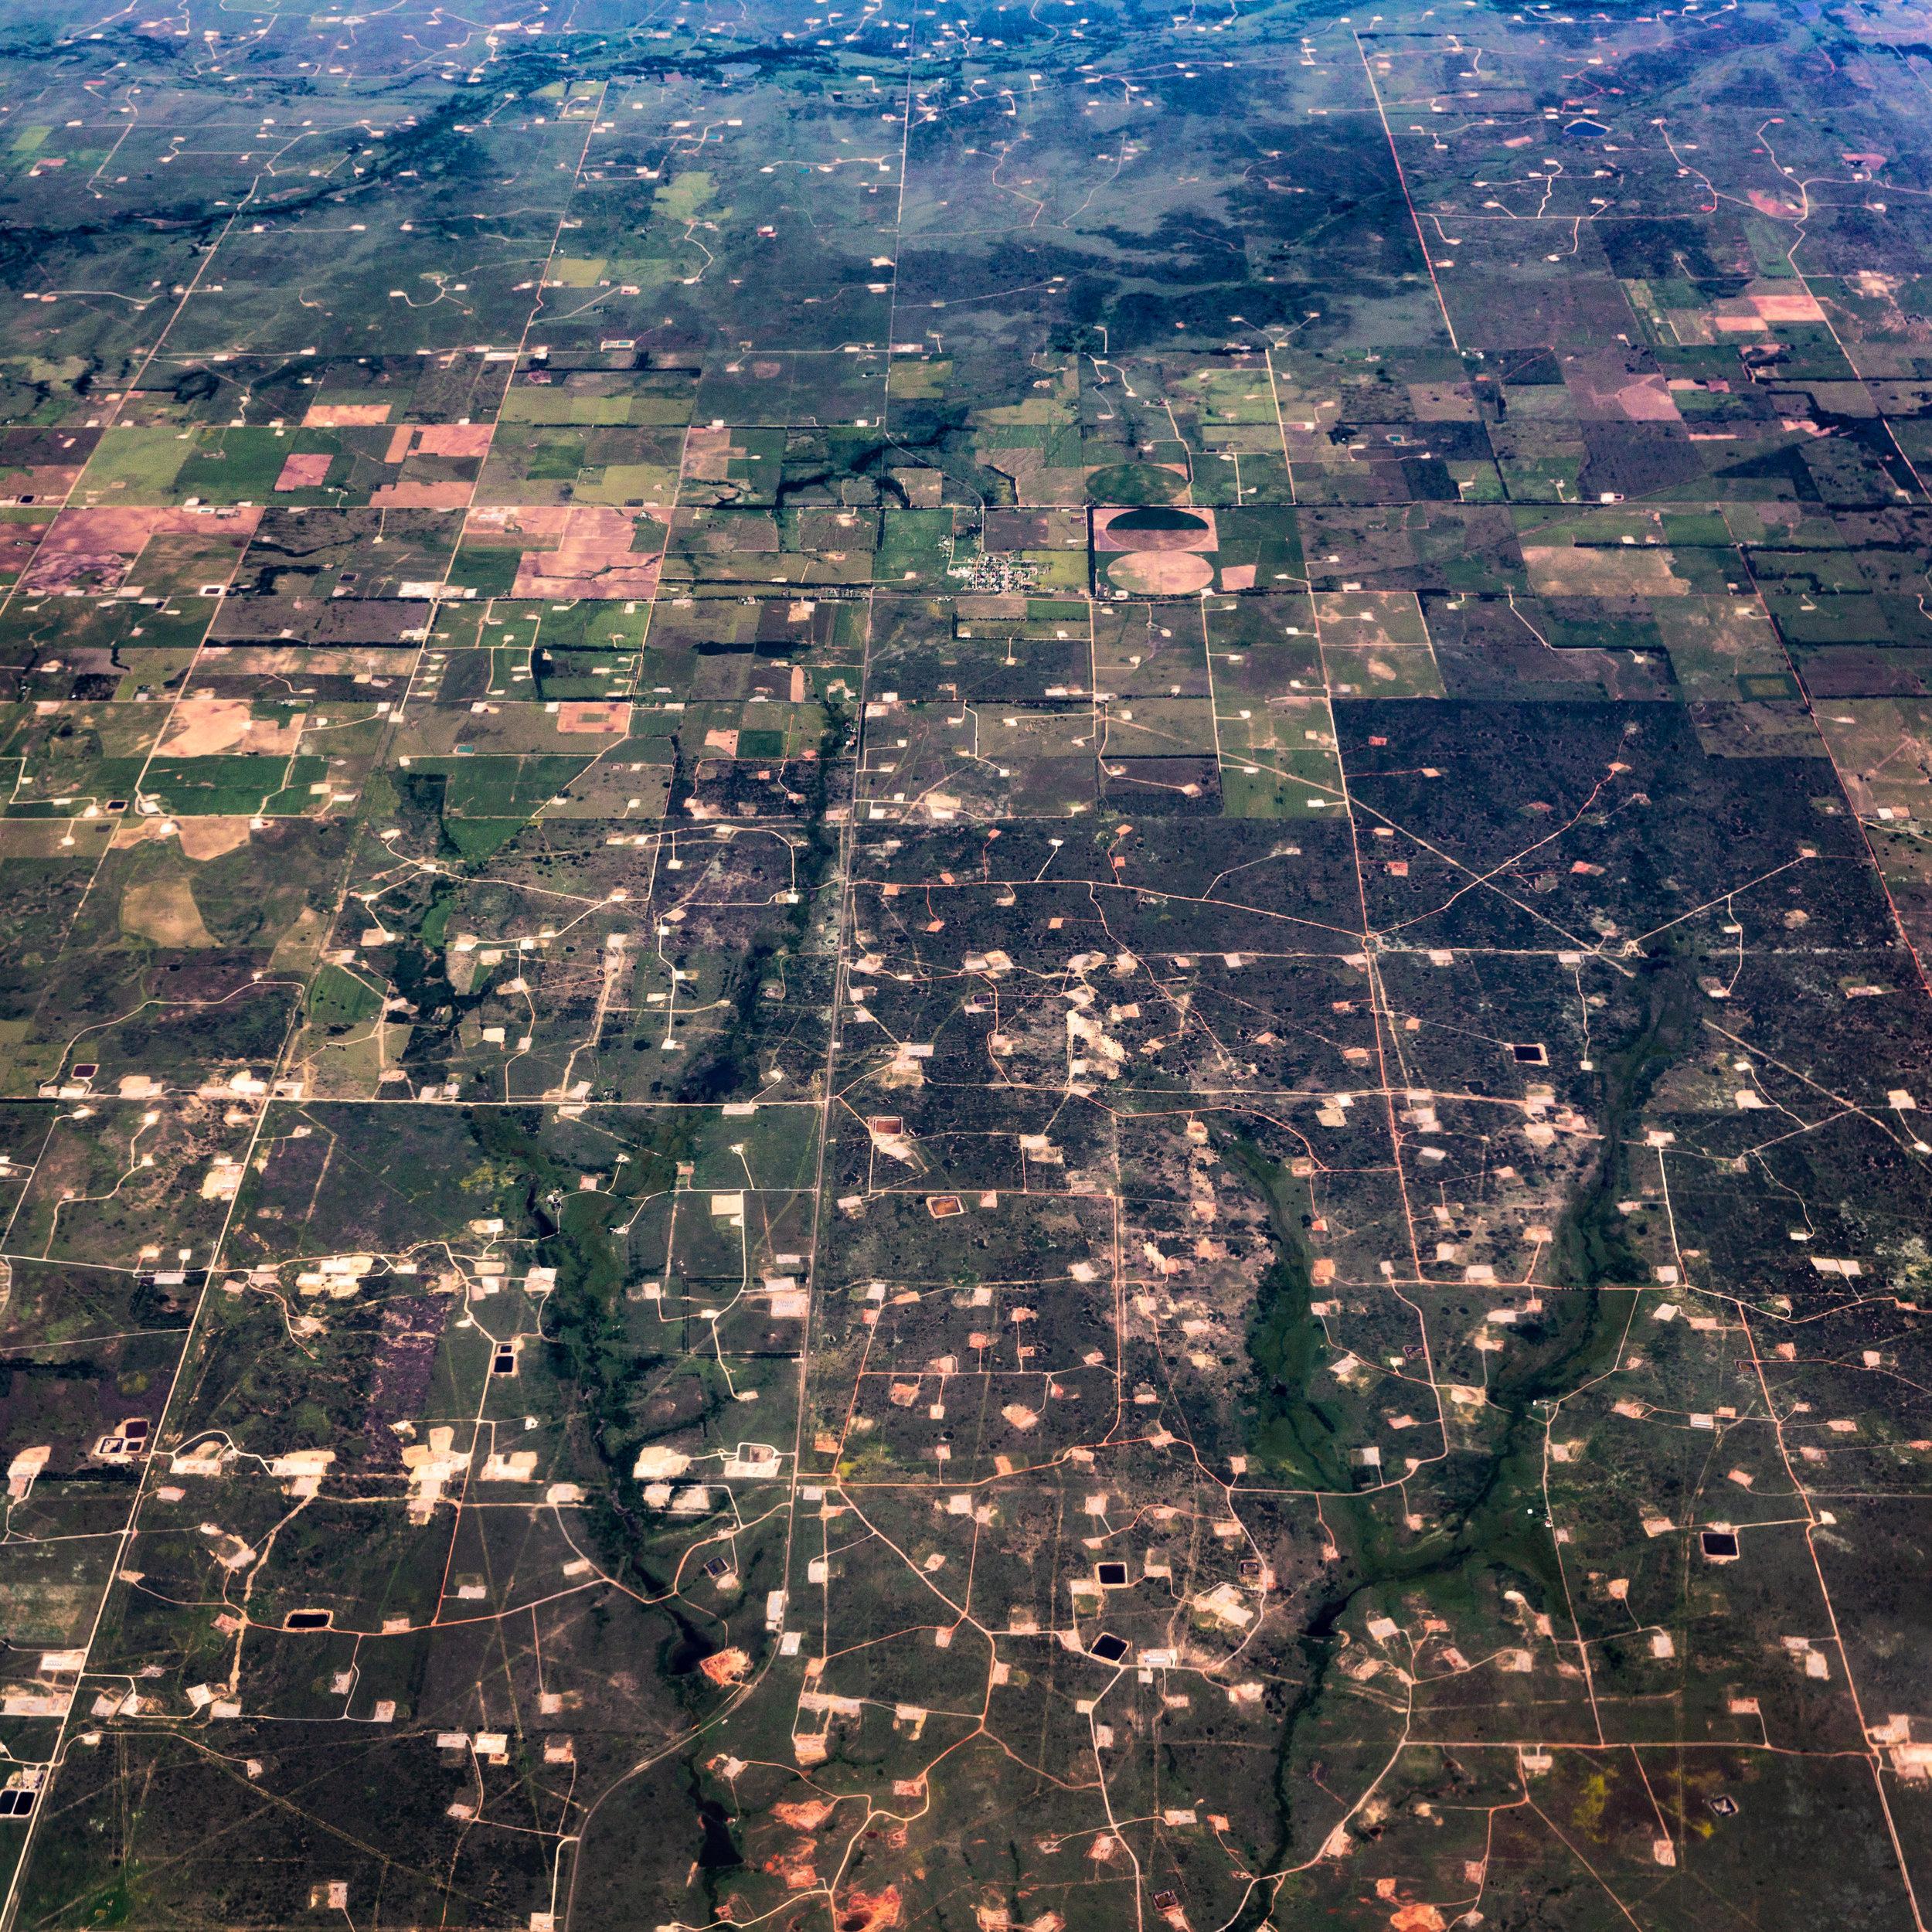 Fracking at Allison, Texas, June 2014